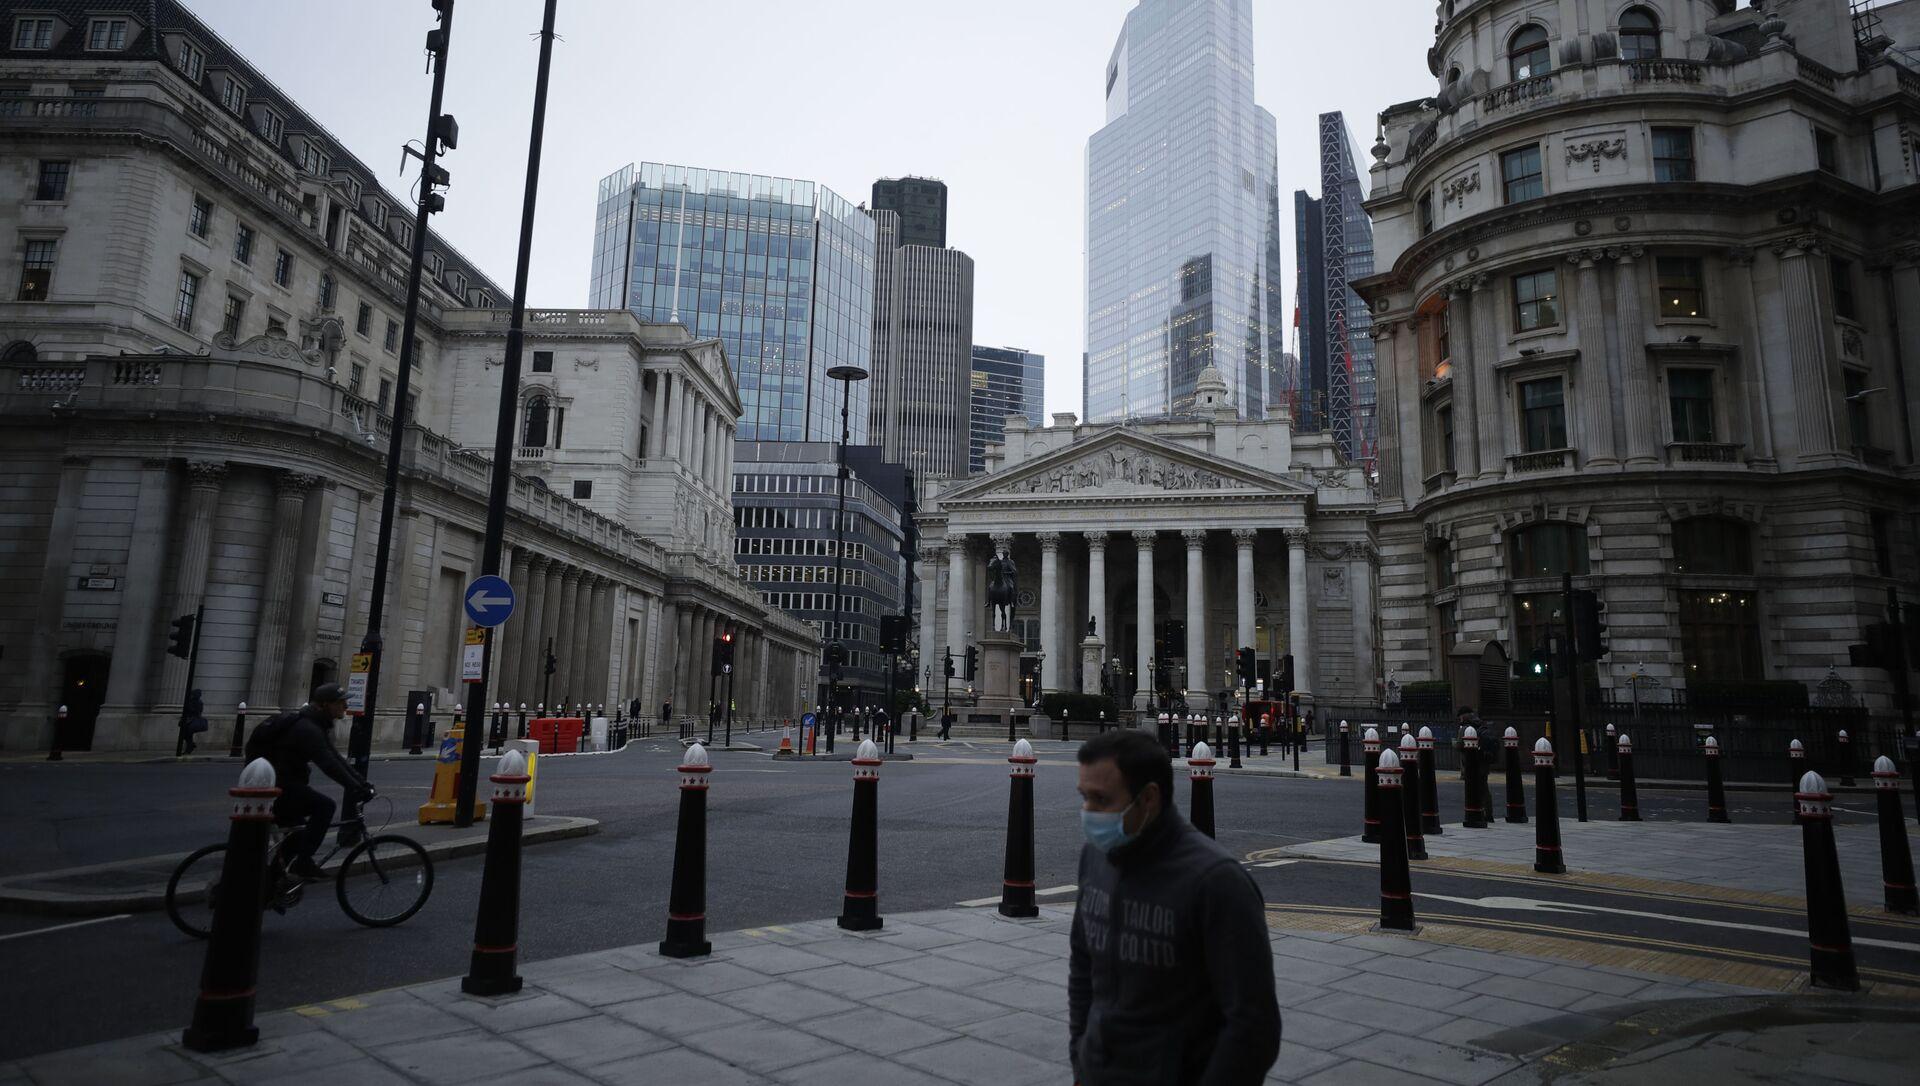 Widok na dzielnicę finansową City w Londynie w Wielkiej Brytanii - Sputnik Polska, 1920, 01.03.2021